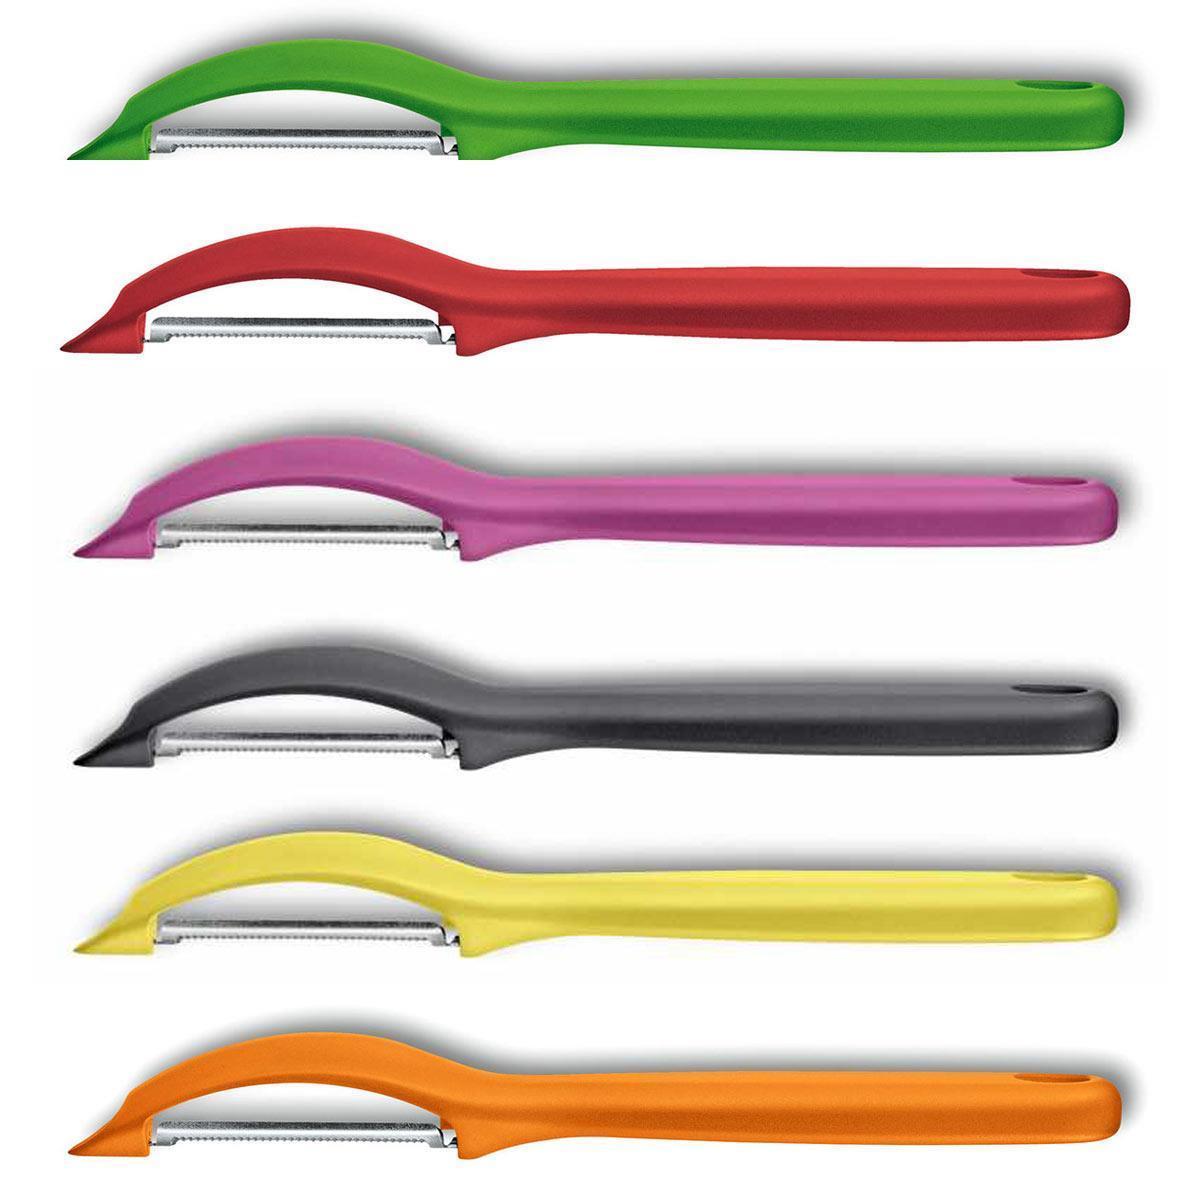 Швейцарская овощечистка Victorinox Universal Peeler 7.6075   выбери свой цвет в интернет-магазине Wenger-Victorinox.Ru